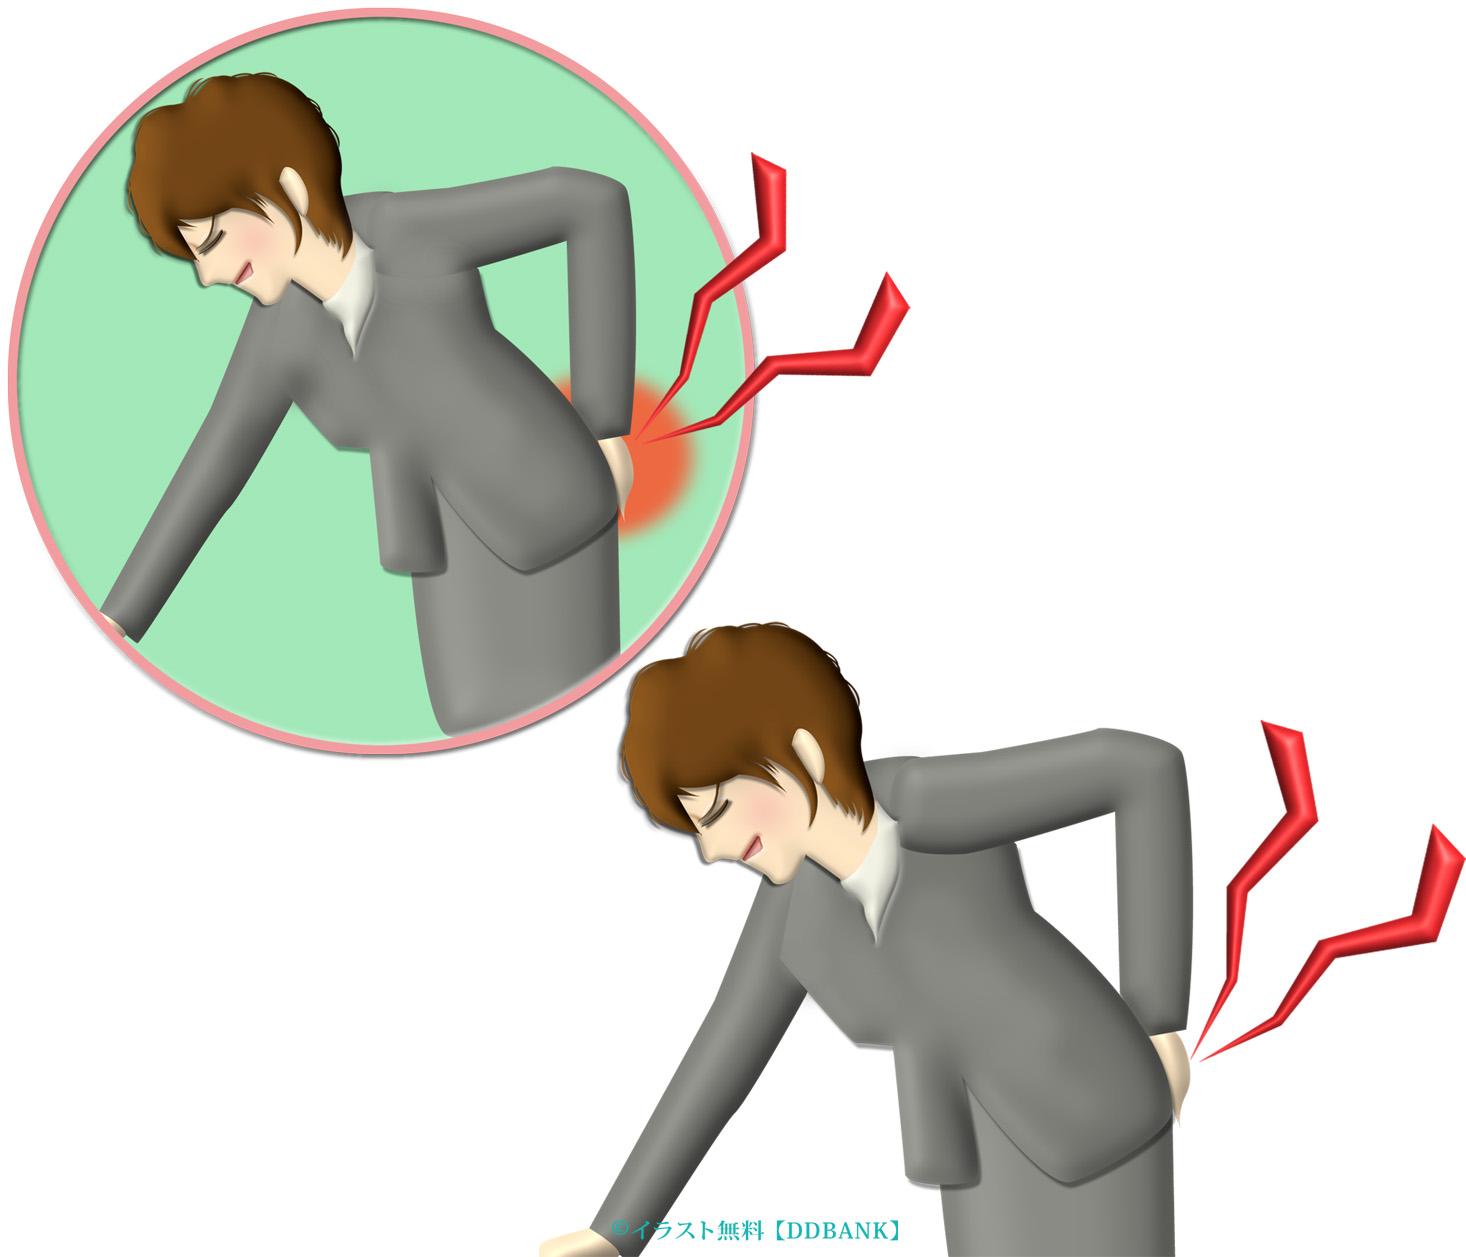 腰痛で腰に手を当てている女性のイラスト